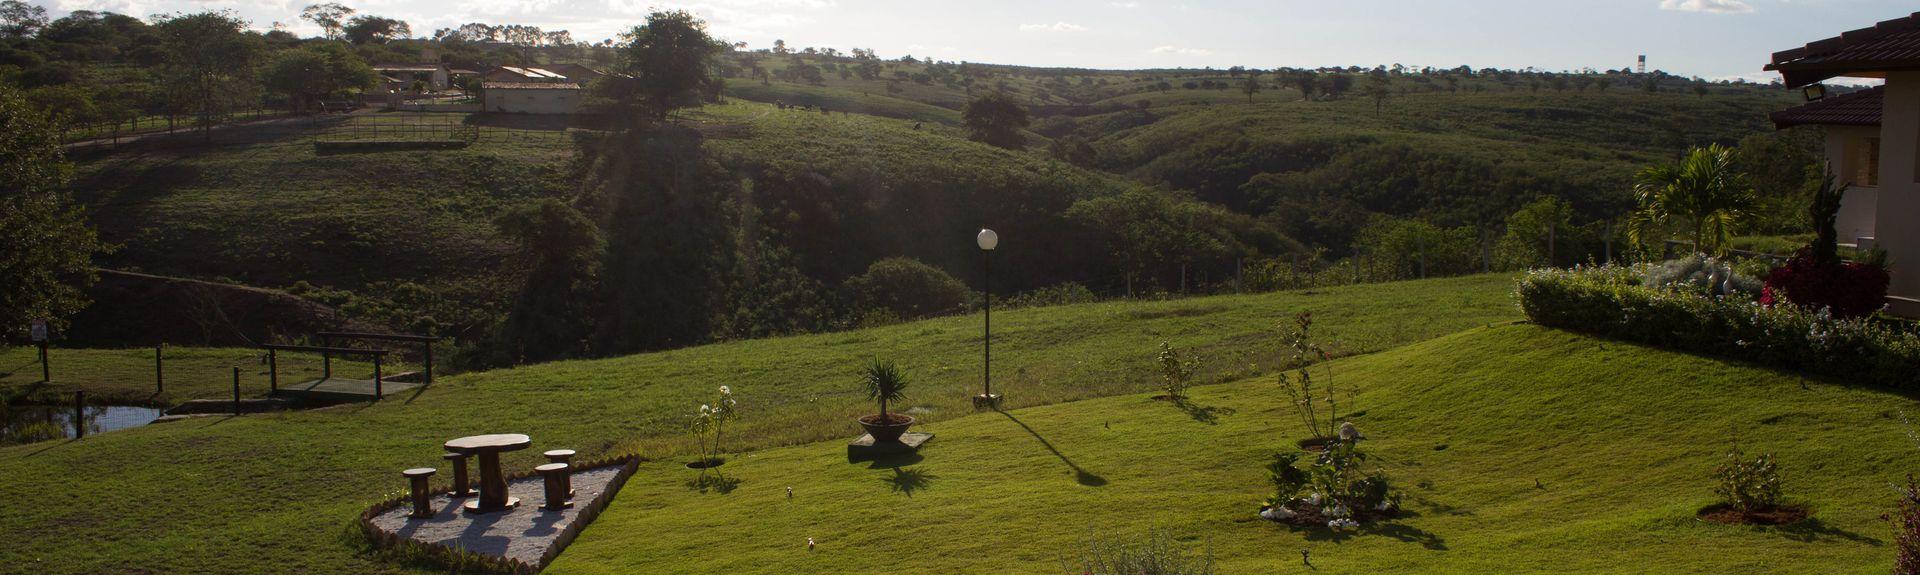 Novo Gravatá, Gravatá, Pernambouc (État), Brésil